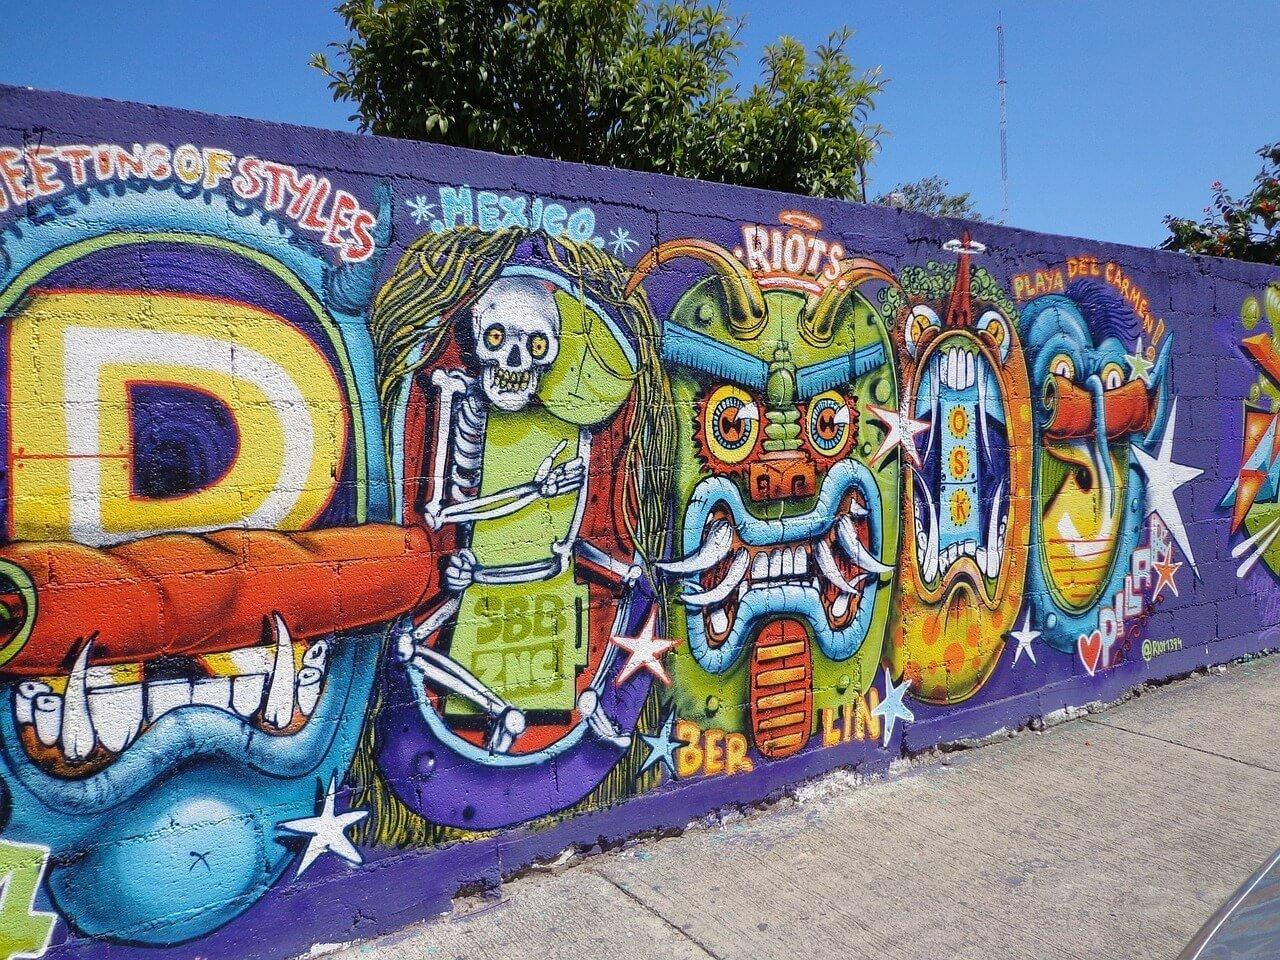 Roma, Mexico City